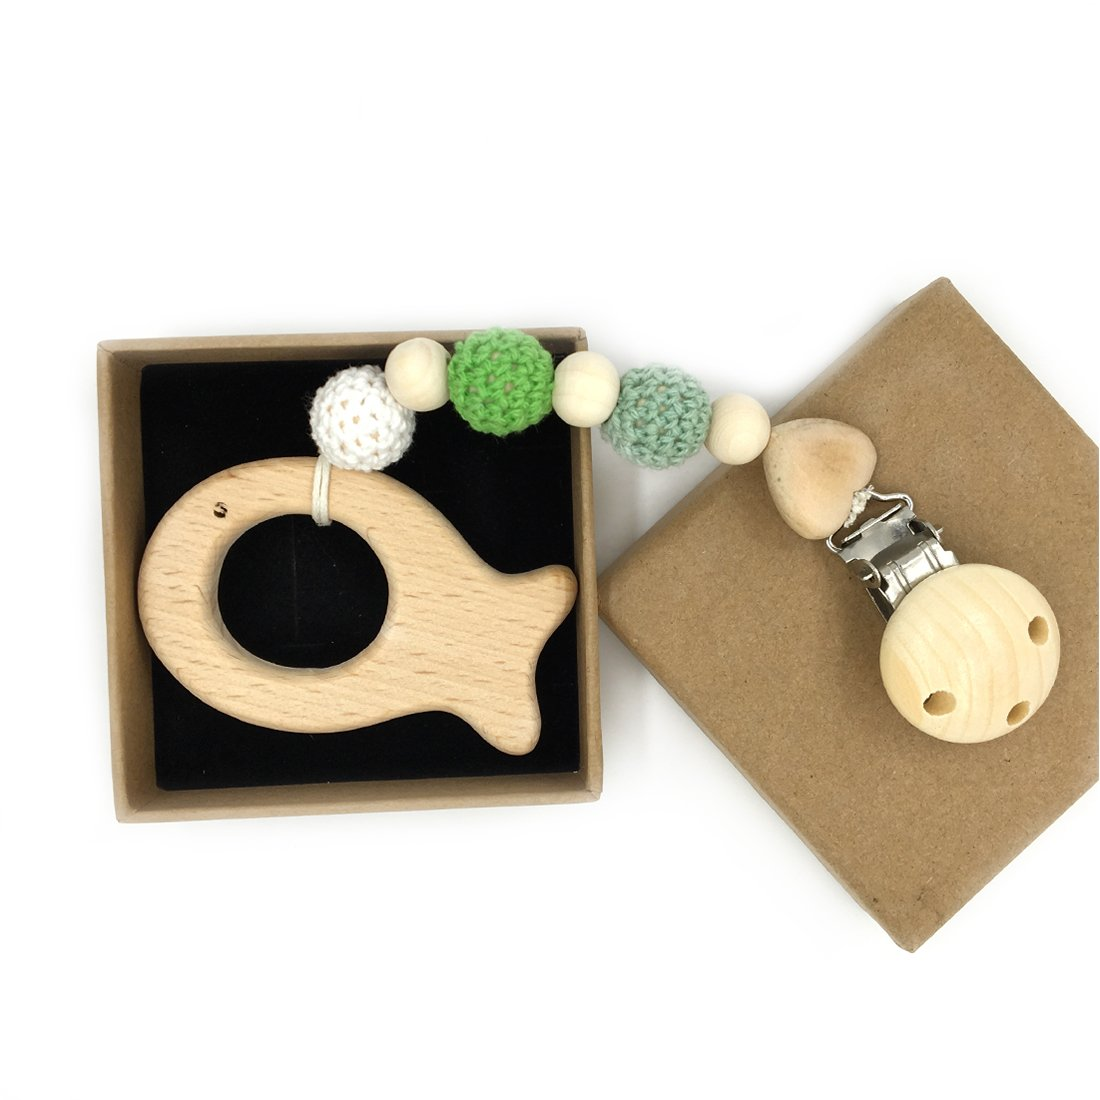 Color 4 Coskiss Beb/é de madera Chupete clip colgante de madera natural de la dentici/ón masticable de seguridad para beb/é Holder regalo unisex juguetes para la dentici/ón del clip